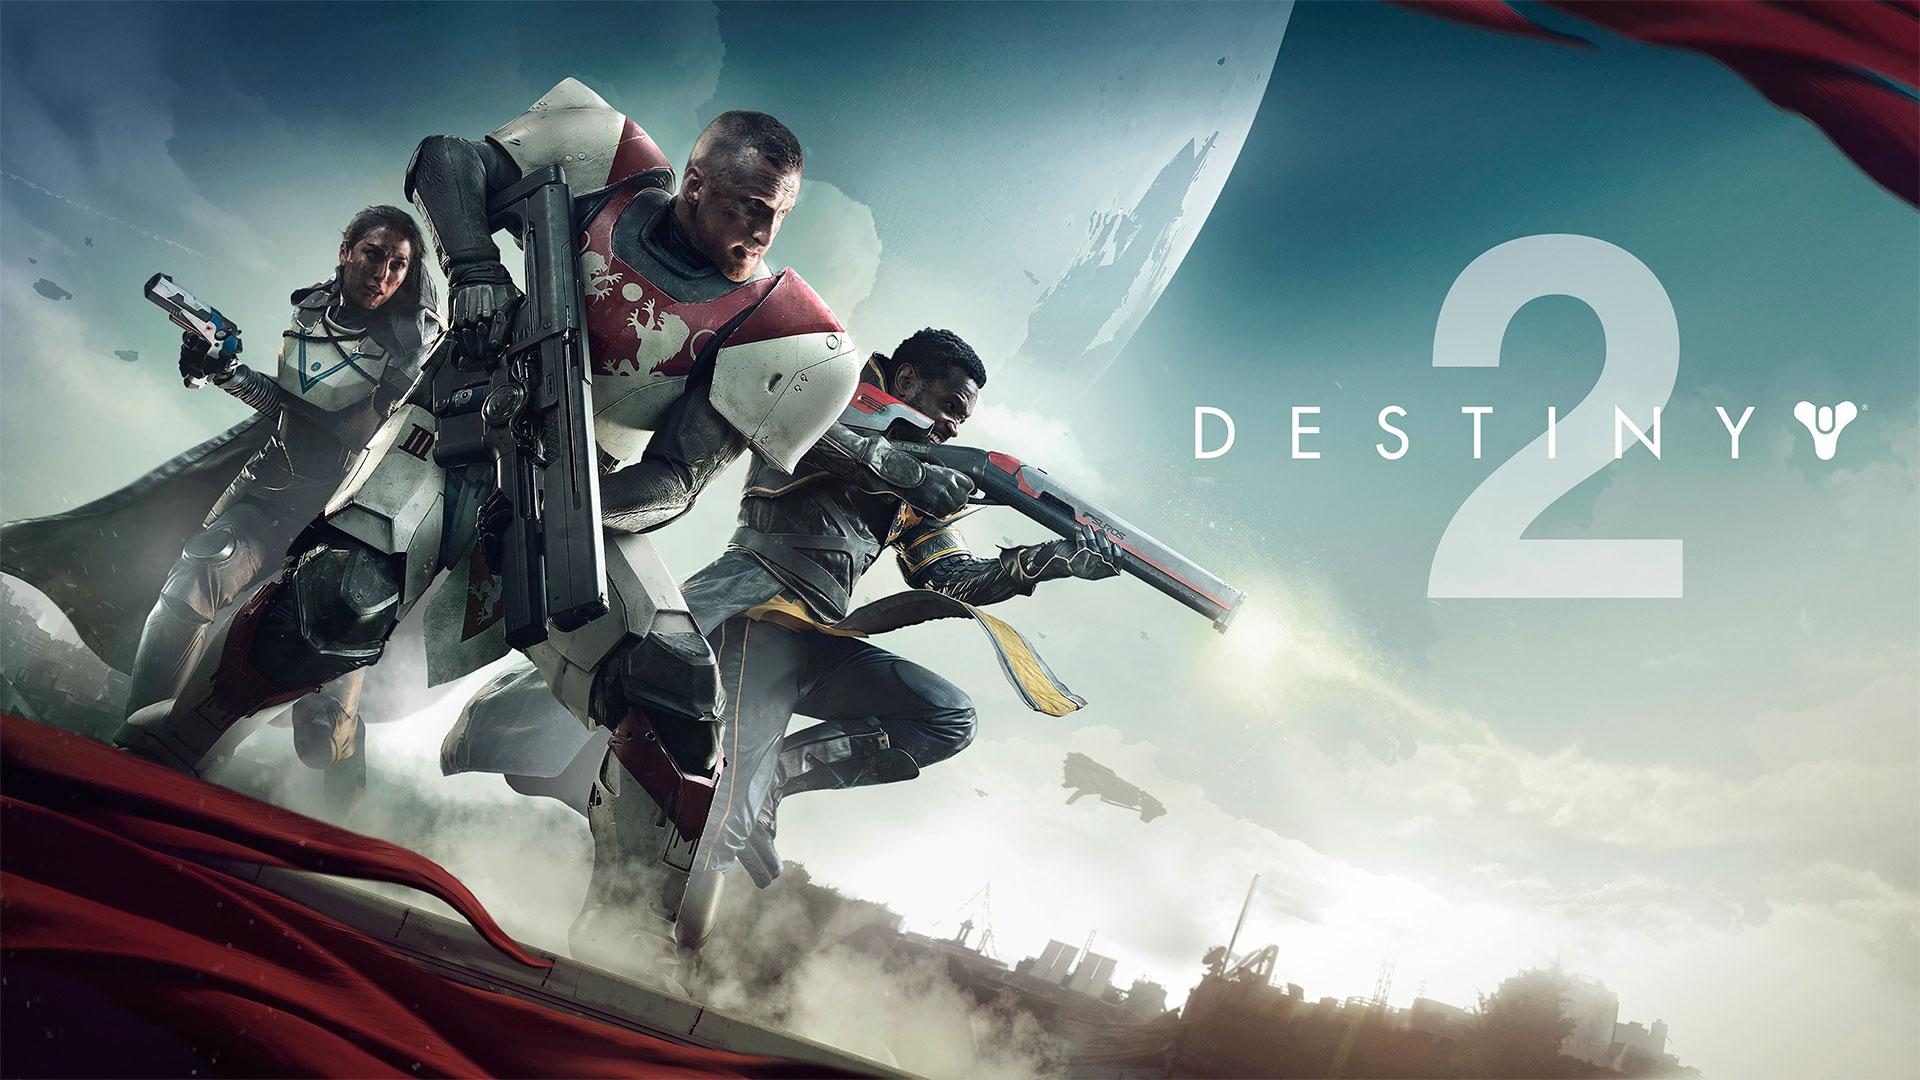 PC版『Destiny 2』が11月18日(日)まで無料配布中。さらに9日からは拡張パック内の新モード「ギャンビット」の無料体験が可能に